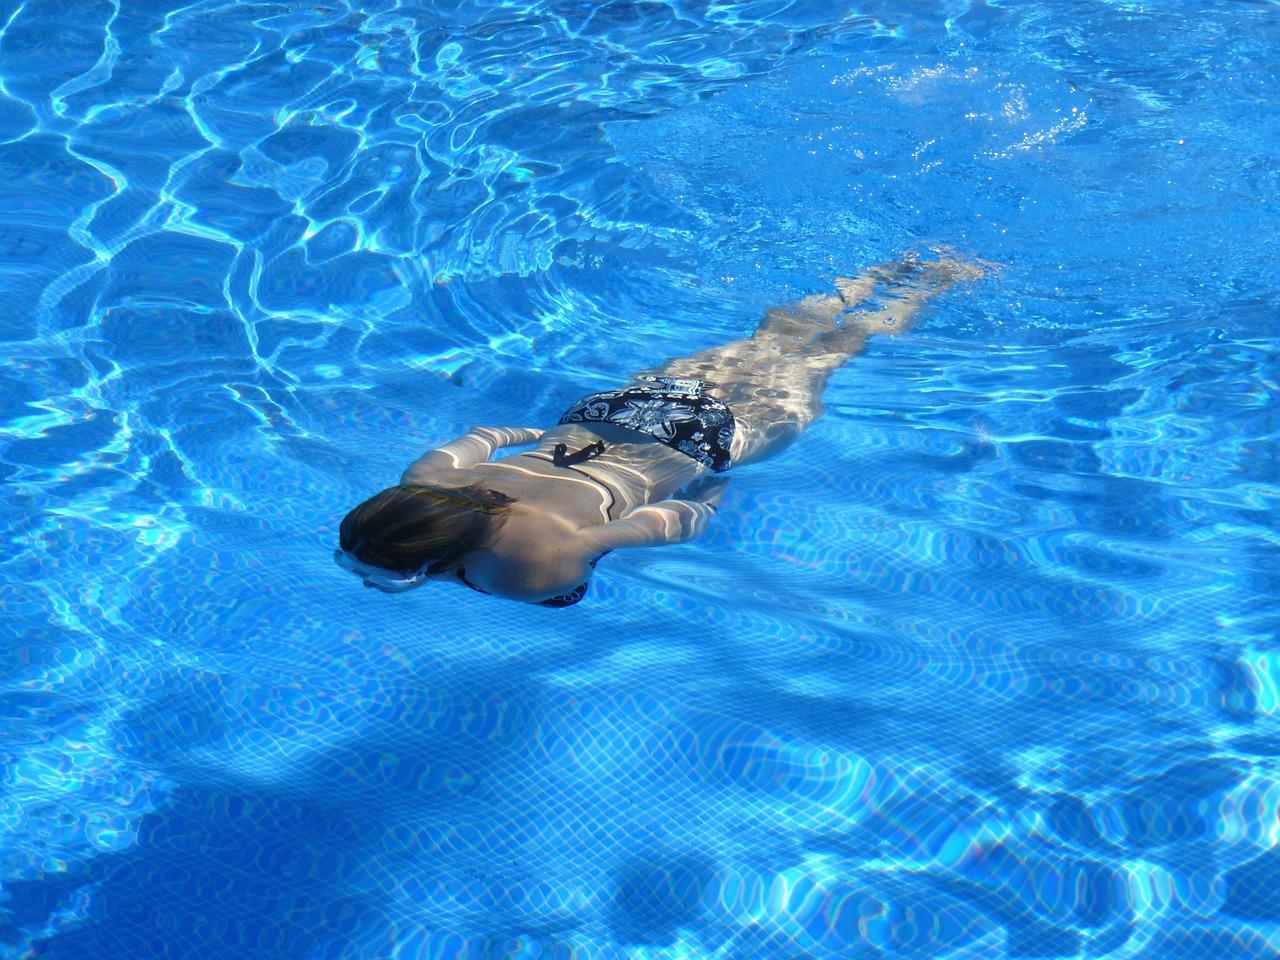 Trouver constructeur de piscine sur mesure lyon for Constructeur piscine lyon